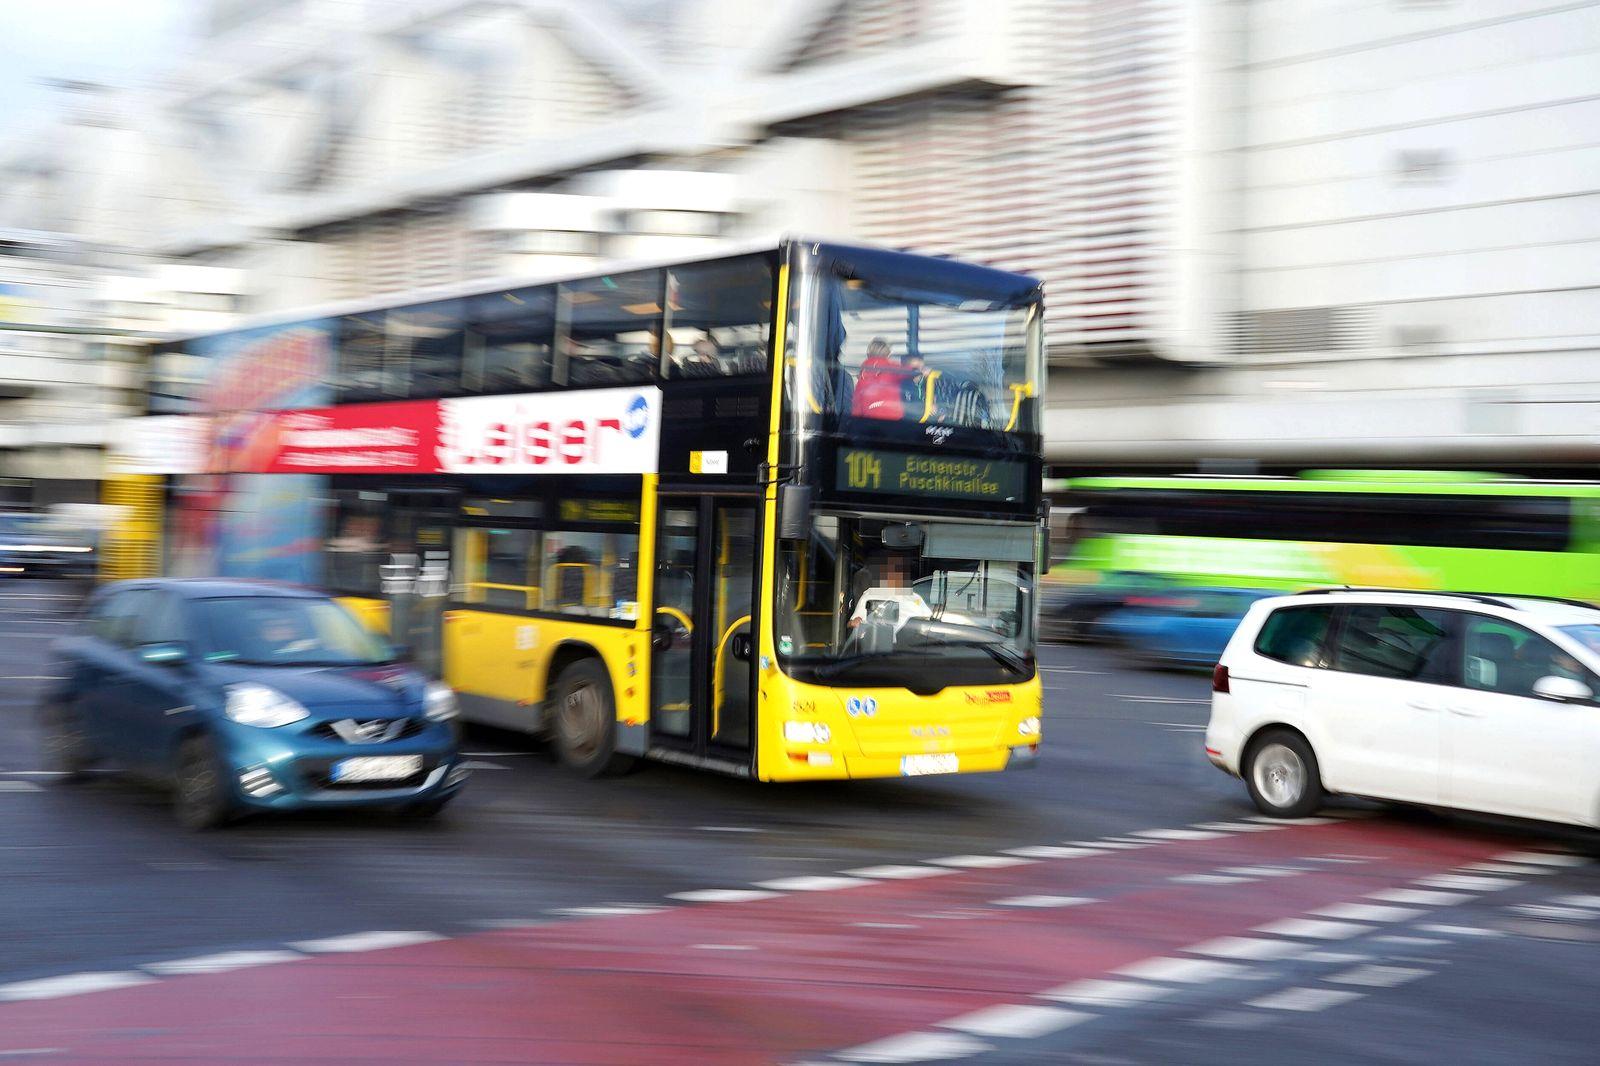 19.02.2020,Berlin,Deutschland,GER,BVG Autobus 104, ICC *** 19 02 2020,Berlin,Germany,GER,BVG Bus 104, ICC